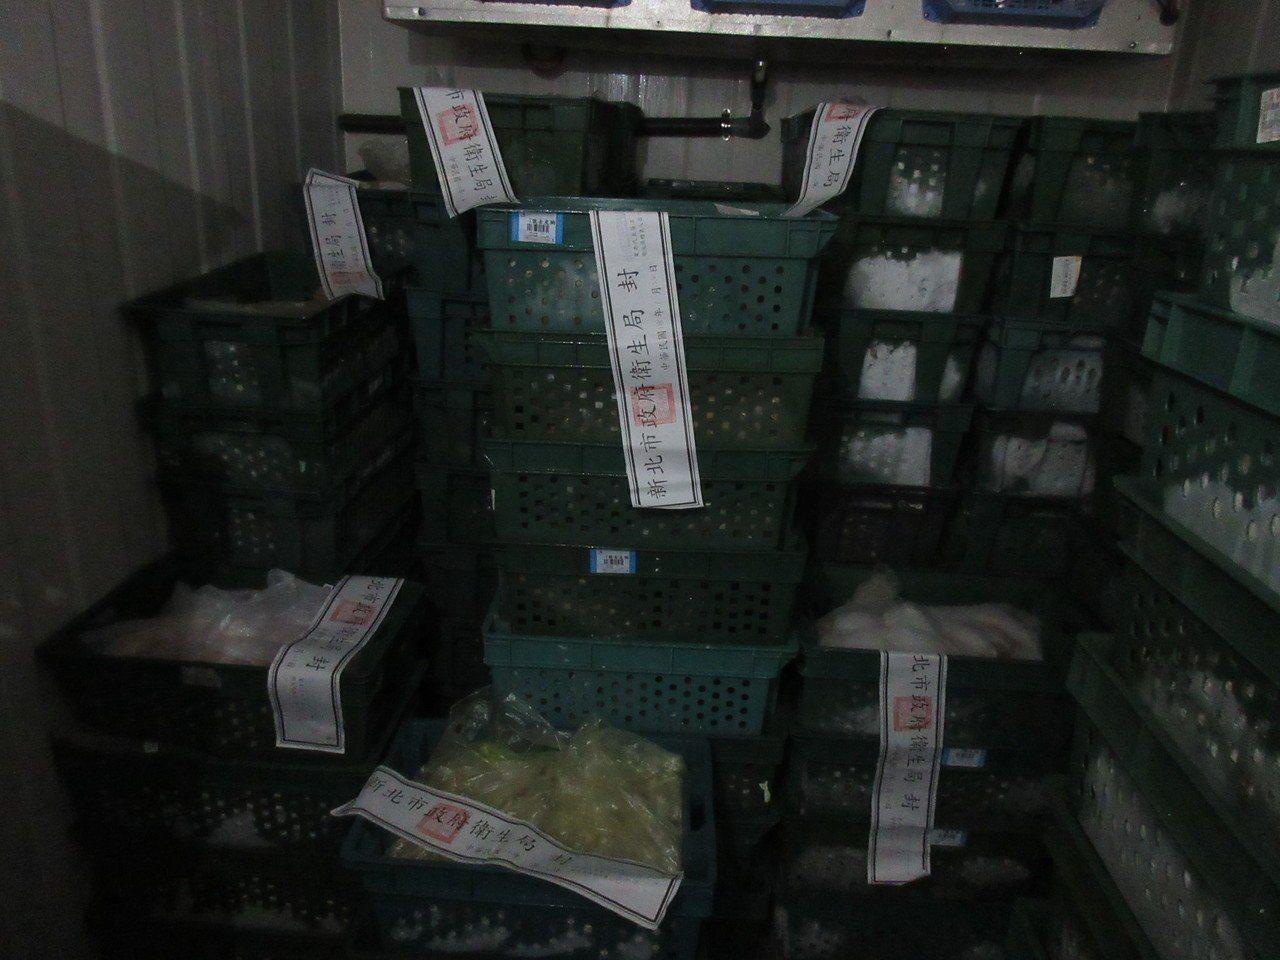 新北市衛生局昨天查獲生鮮及醃漬雞肉品原料疑似逾期,查封8品項總共2943公斤。圖...